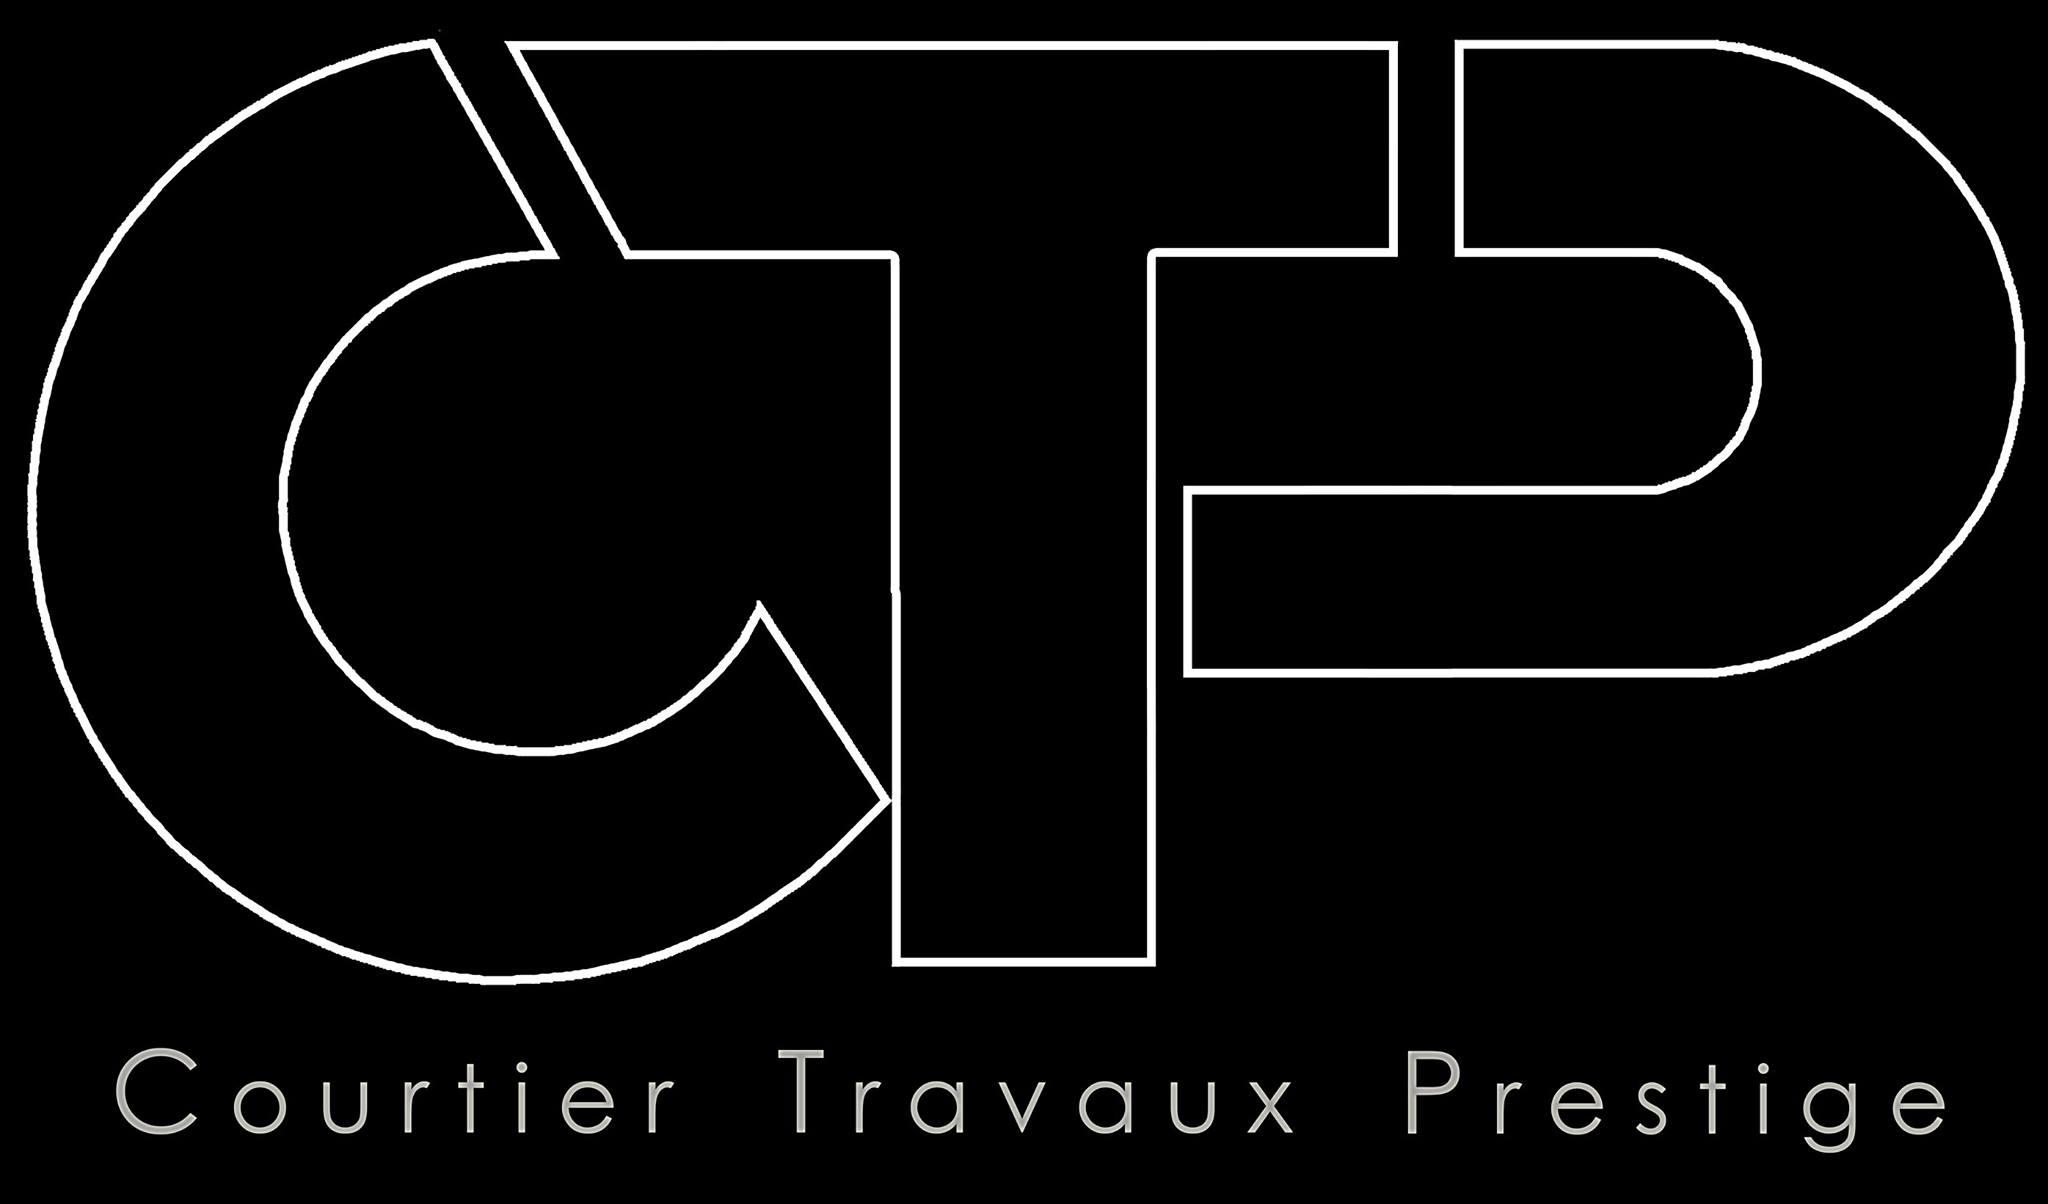 Courtier Travaux Prestige